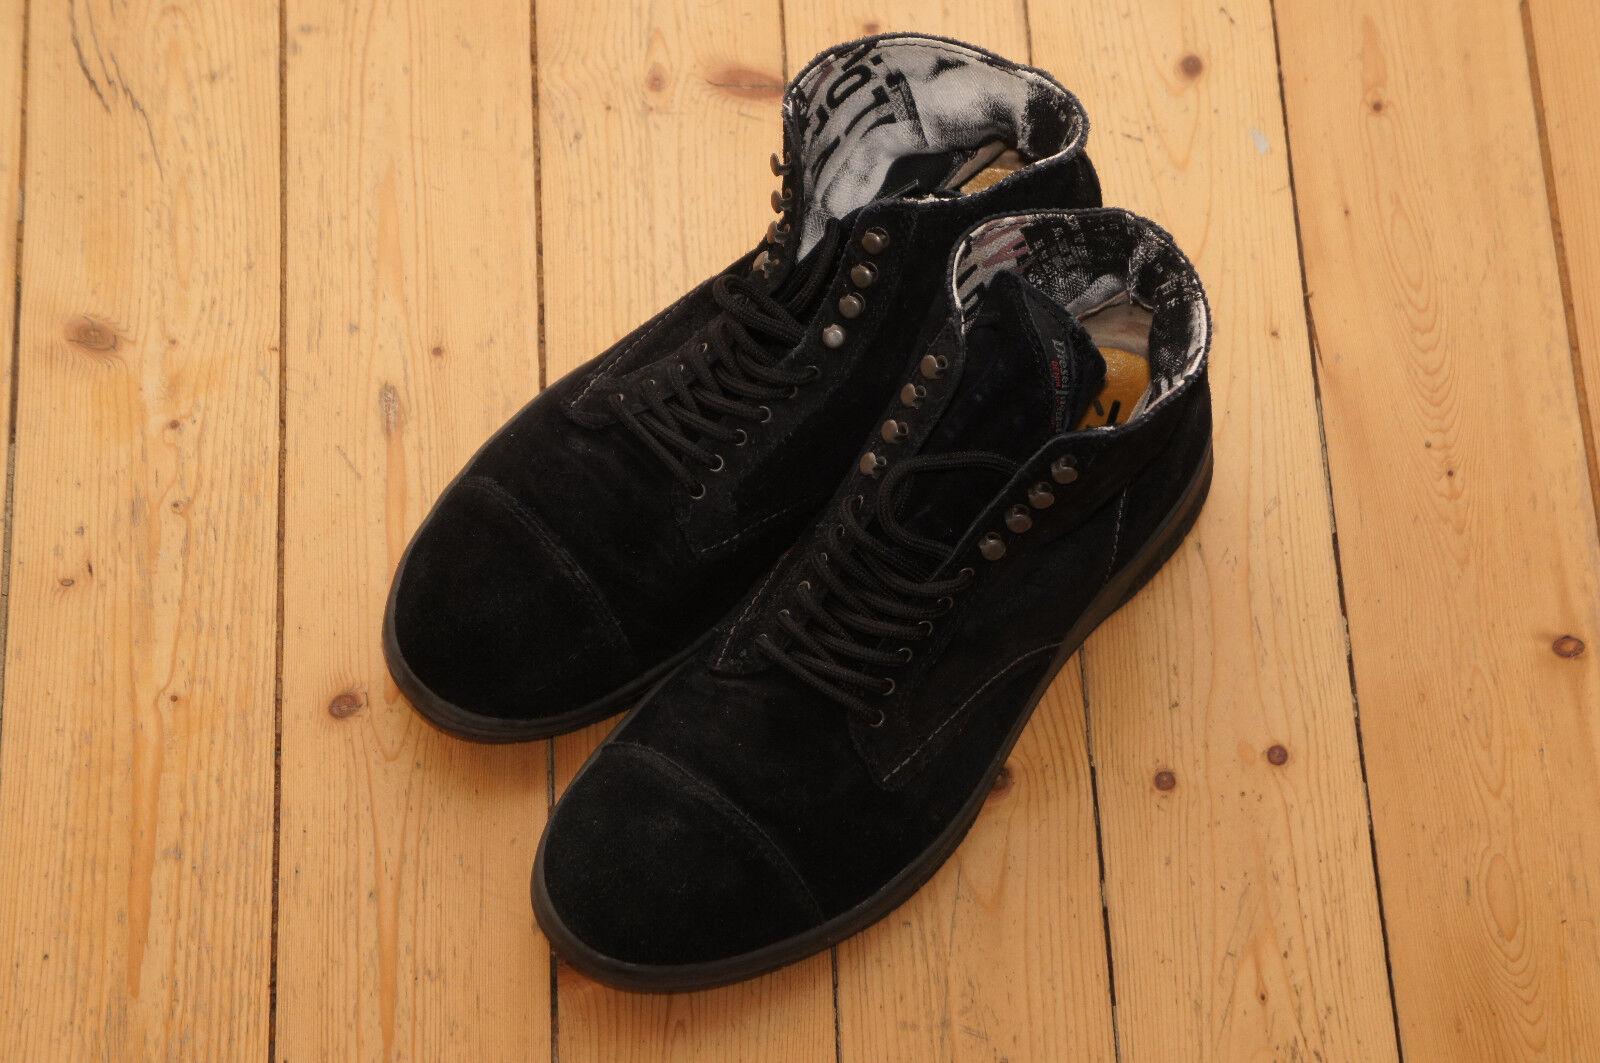 Original DIESEL Schuhe BASKET TATRA Stiefel Boots Herrenschuhe Grösse 43 schwarz